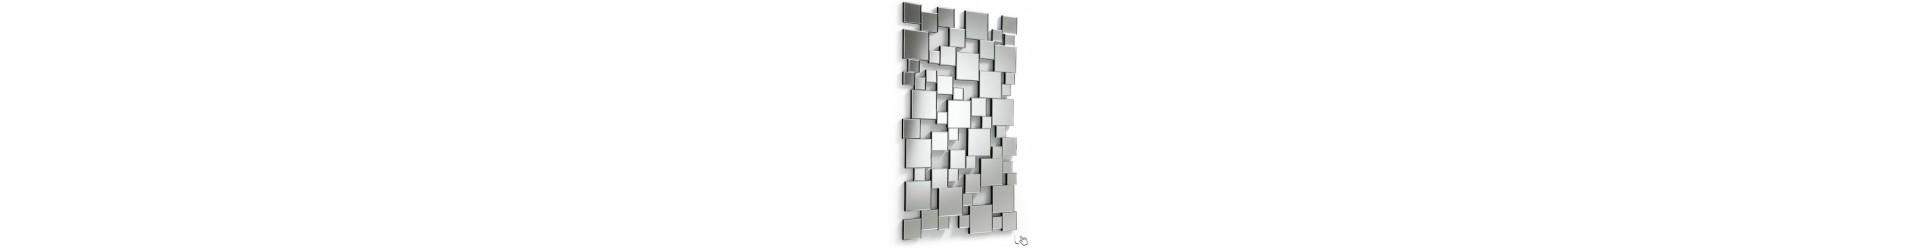 Miroirs pour la vente en ligne